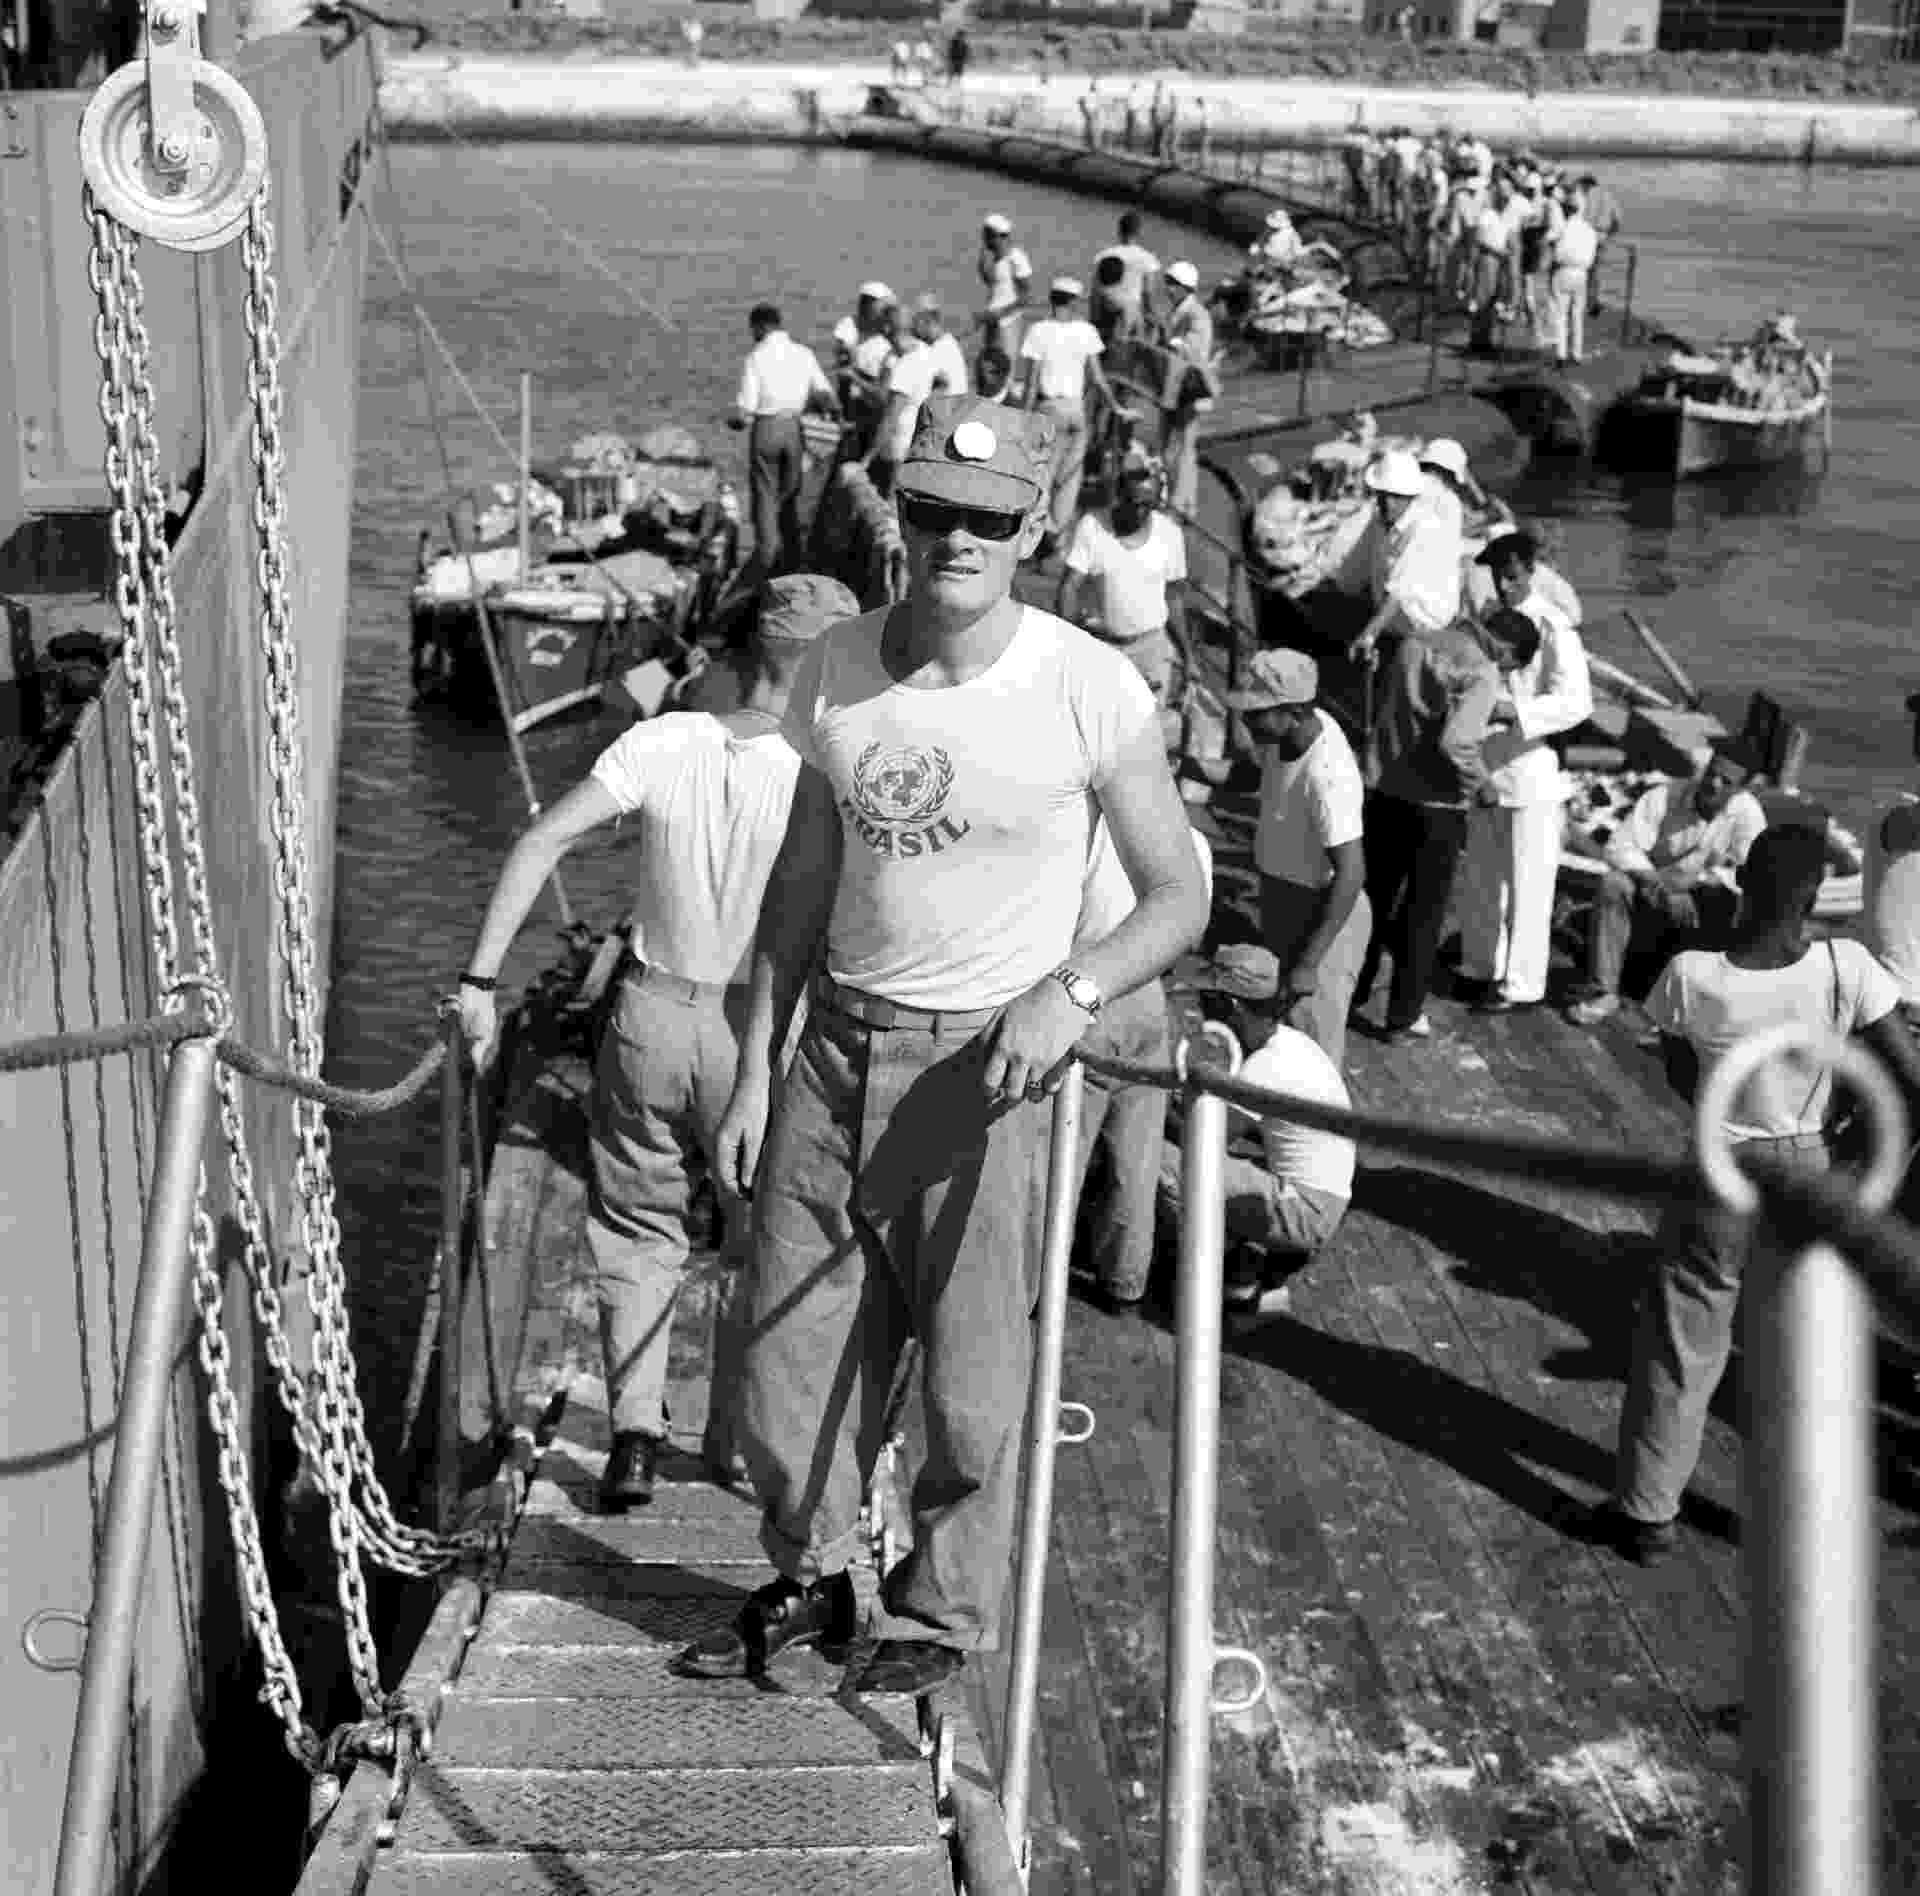 Soldado brasileiro deixa as missões do Batalhão Suez, que integrou as Forças de Paz da ONU, em 1963 - Divulgação/ONU